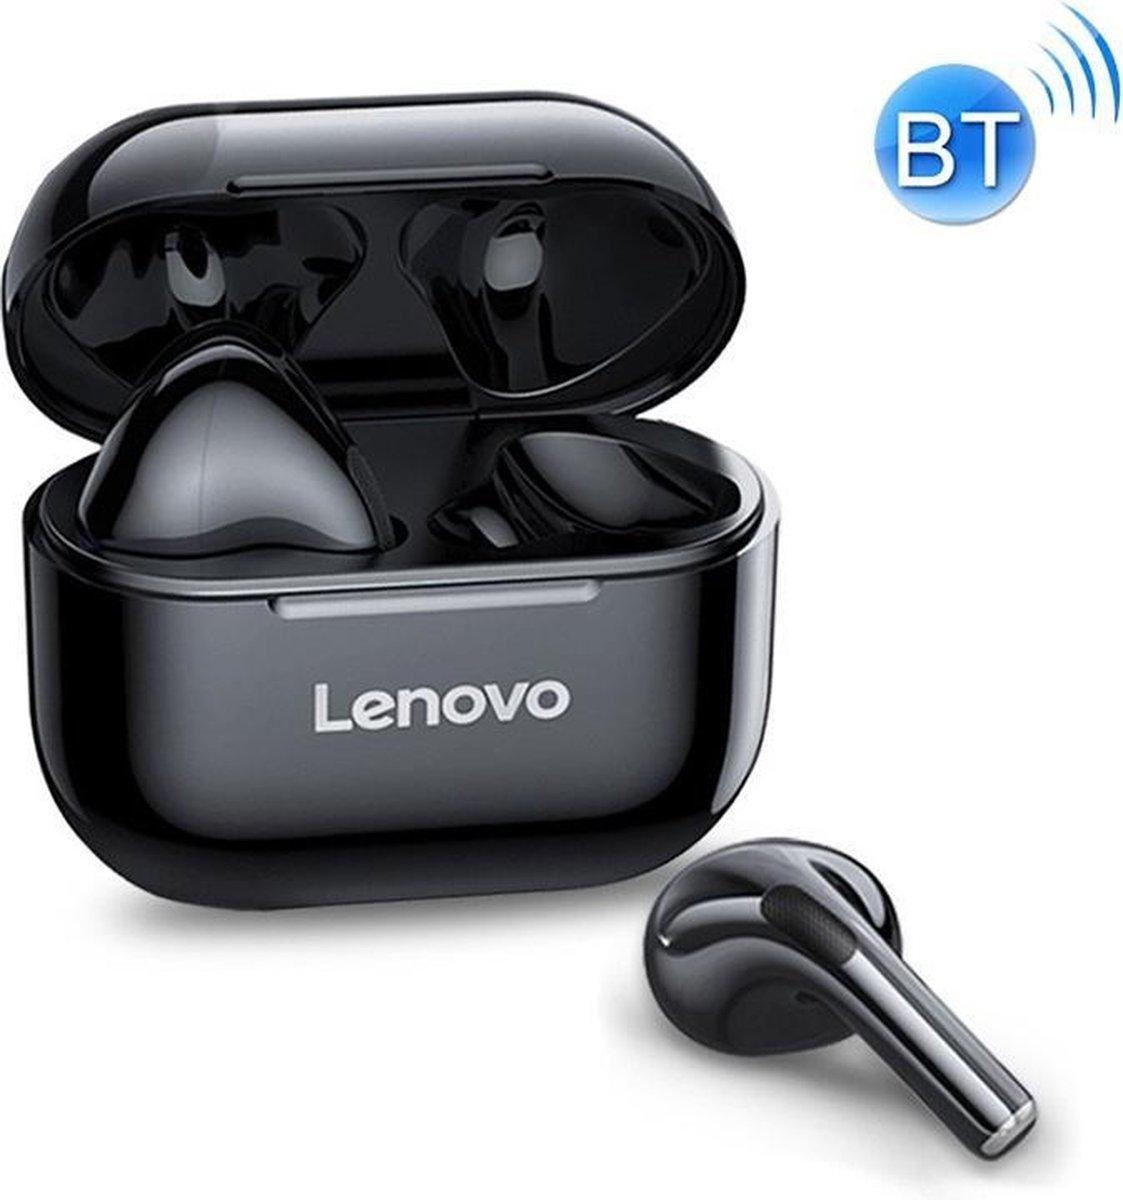 Oordop - Airpods - Wireless Earphones - Draadloos - Draadloze Oordopjes - Draadloze Oortjes - Bluetooth Oordopjes - Oor - Earpods - Bluetooth Oortjes - Nieuwe Collectie - Zwart